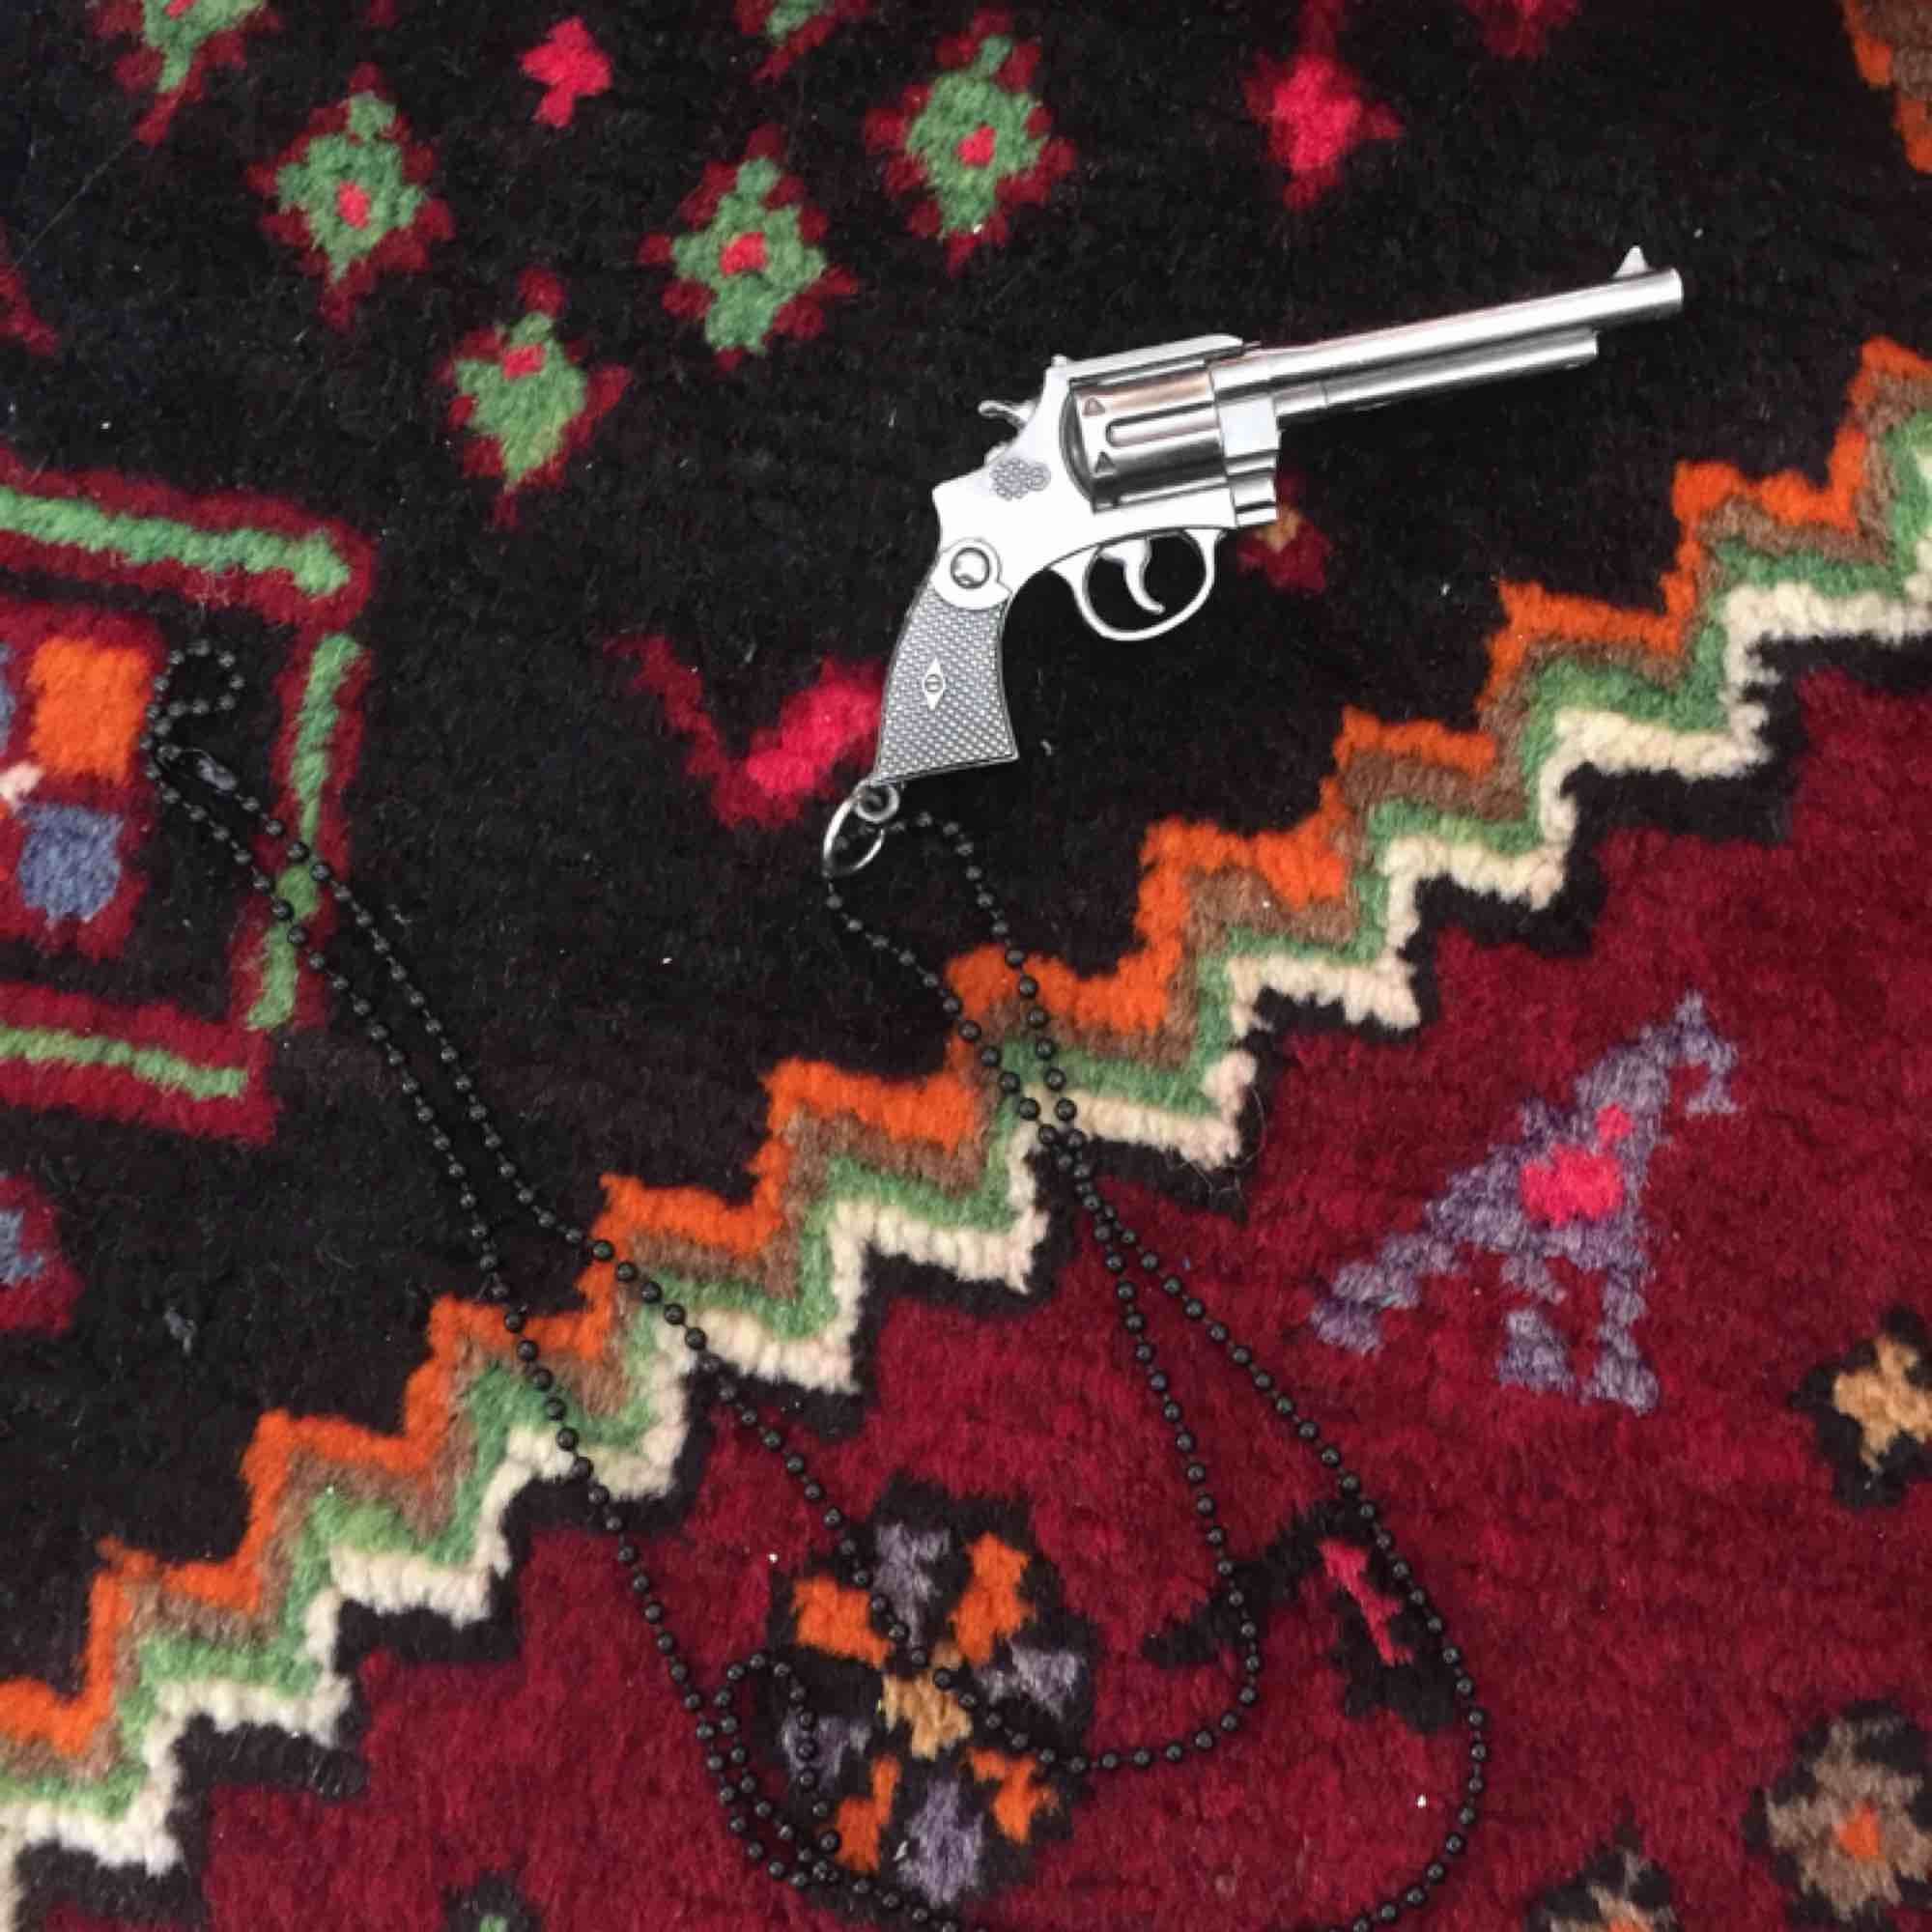 Ballt pistolhalsband!. Accessoarer.